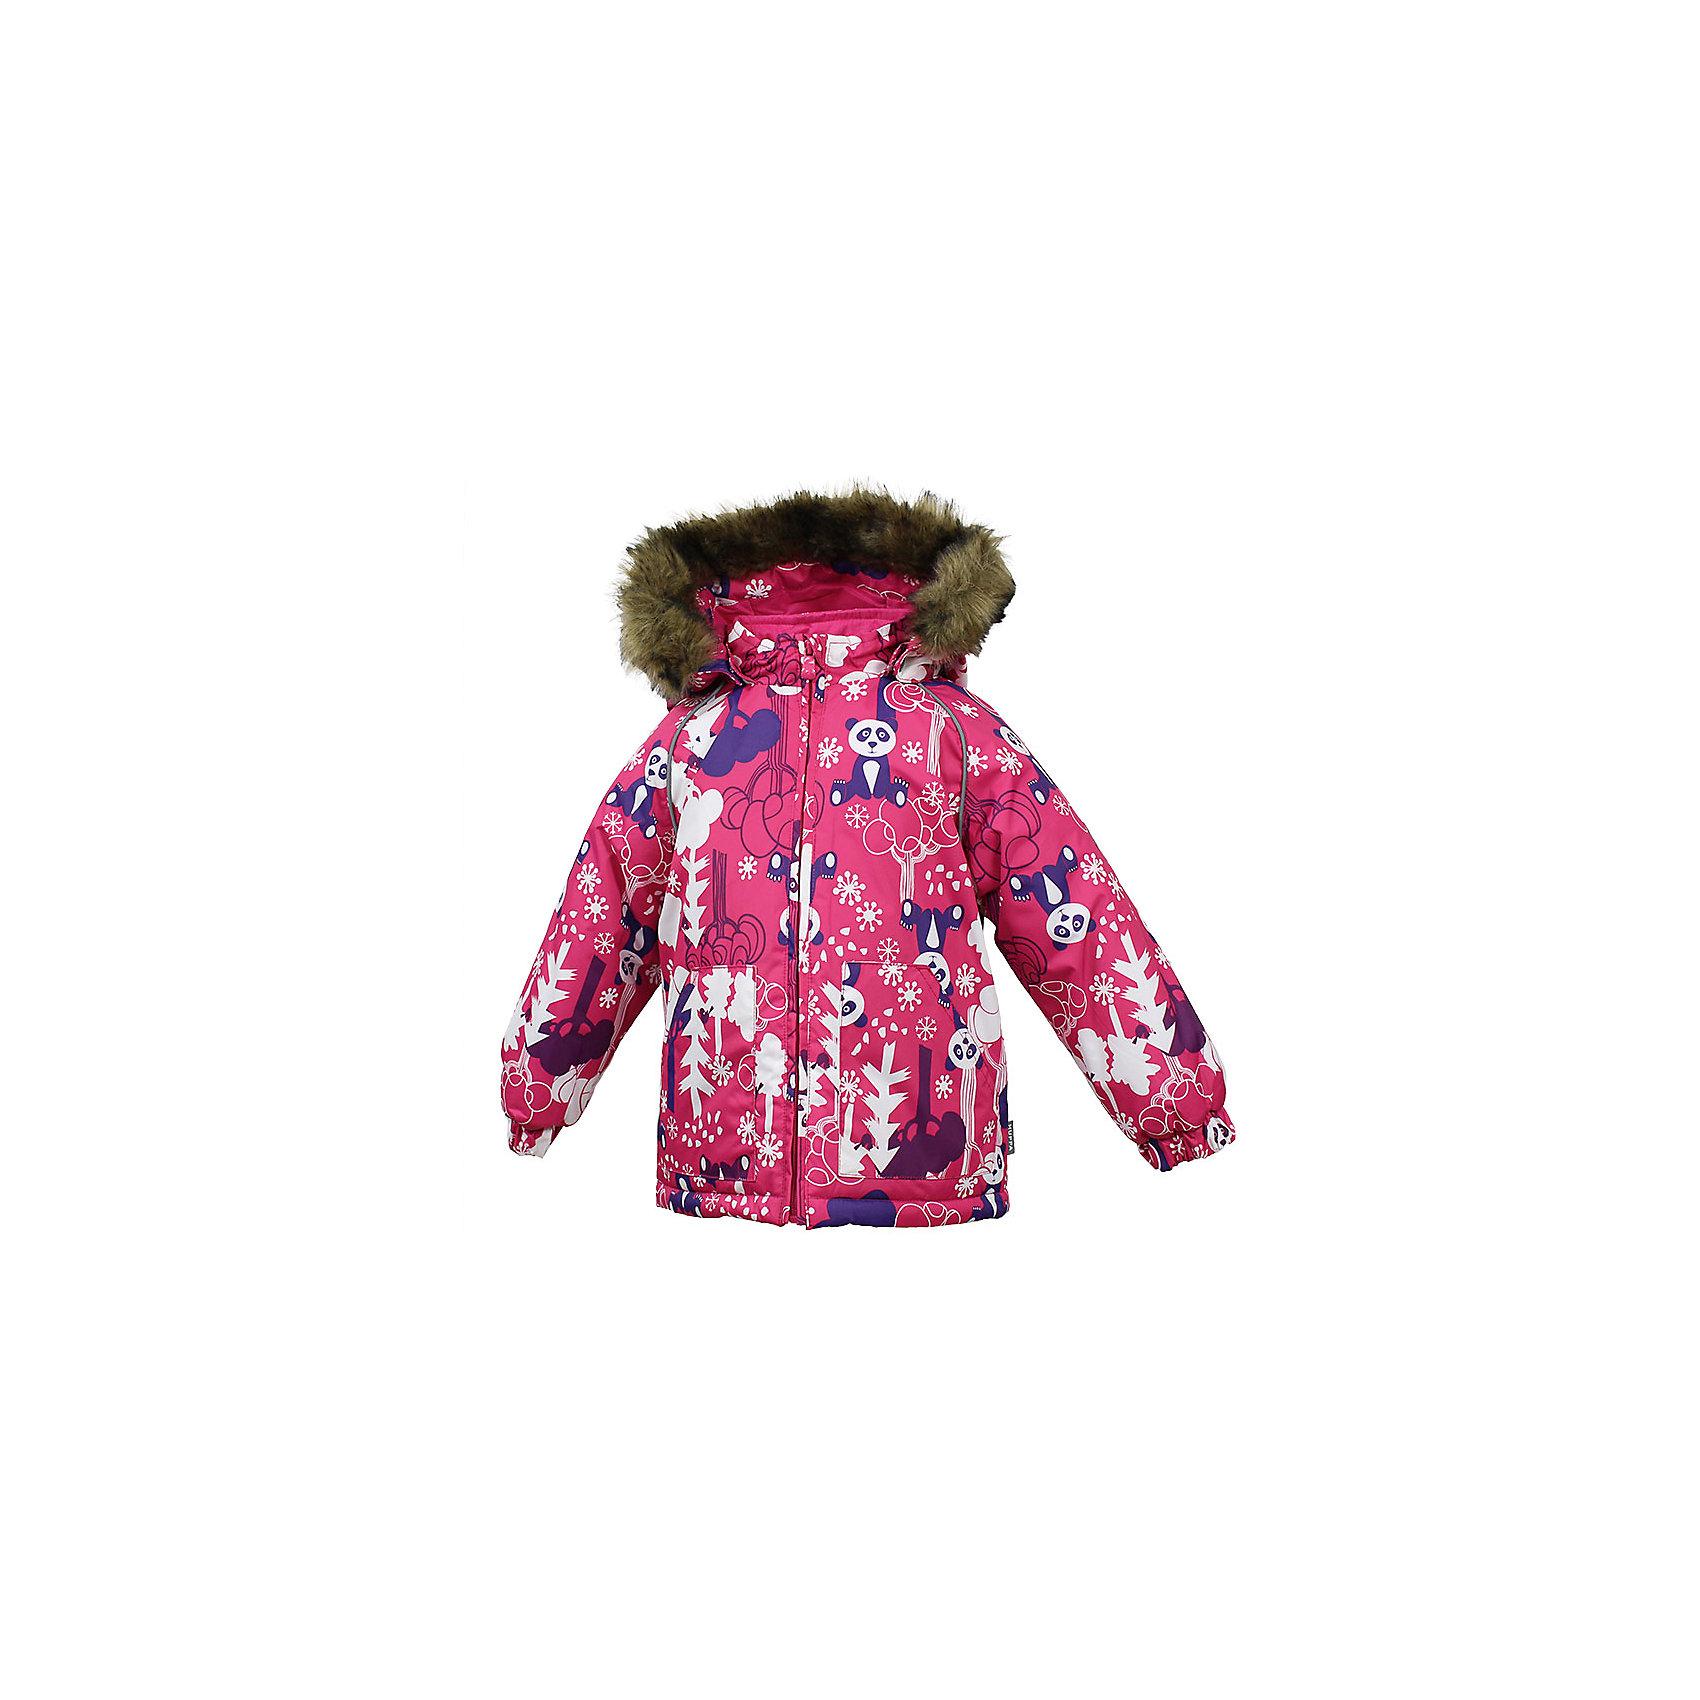 Куртка VIRGO HuppaЗимние куртки<br>Куртка для малышей VIRGO.Водо и воздухонепроницаемость 5 000. Утеплитель 300 гр. Подкладка фланель 100% хлопок. Отстегивающийся капюшон с мехом. Манжеты рукавов на резинке. Имеются светоотражательные детали.<br>Состав:<br>100% Полиэстер<br><br>Ширина мм: 356<br>Глубина мм: 10<br>Высота мм: 245<br>Вес г: 519<br>Цвет: фуксия<br>Возраст от месяцев: 36<br>Возраст до месяцев: 48<br>Пол: Унисекс<br>Возраст: Детский<br>Размер: 104,80,86,92,98<br>SKU: 7027288